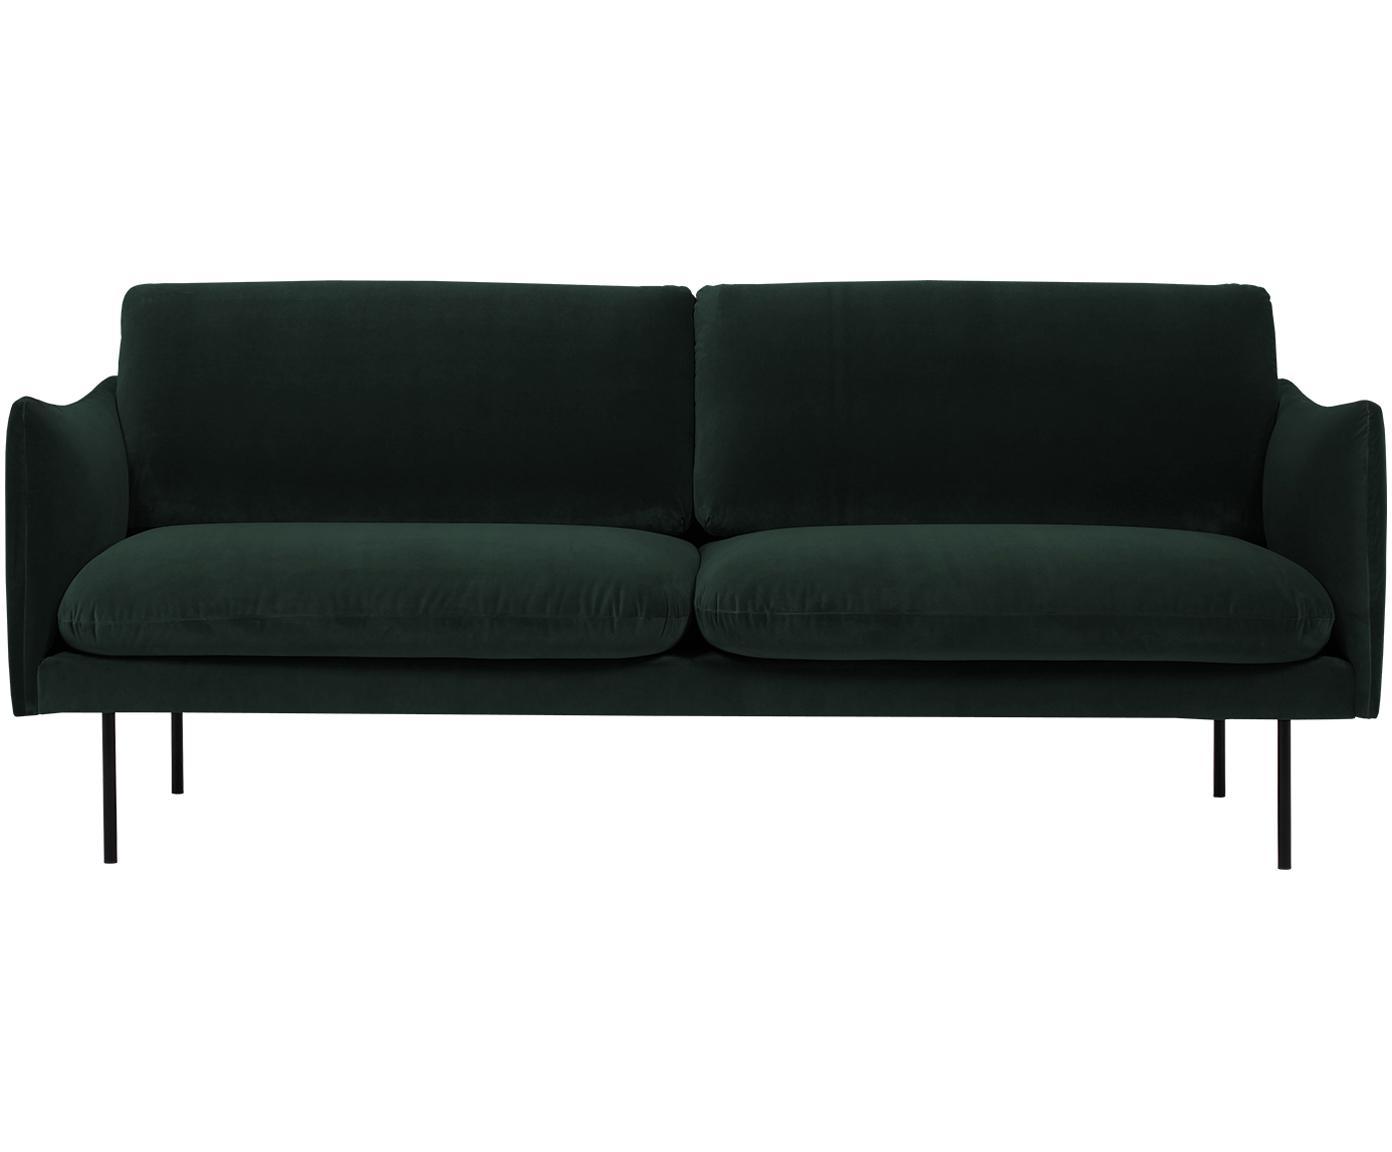 Sofa z aksamitu Moby (2-osobowa), Tapicerka: aksamit (wysokiej jakości, Stelaż: lite drewno sosnowe, Nogi: metal malowany proszkowo, Ciemnyzielony, S 170 x G 95 cm